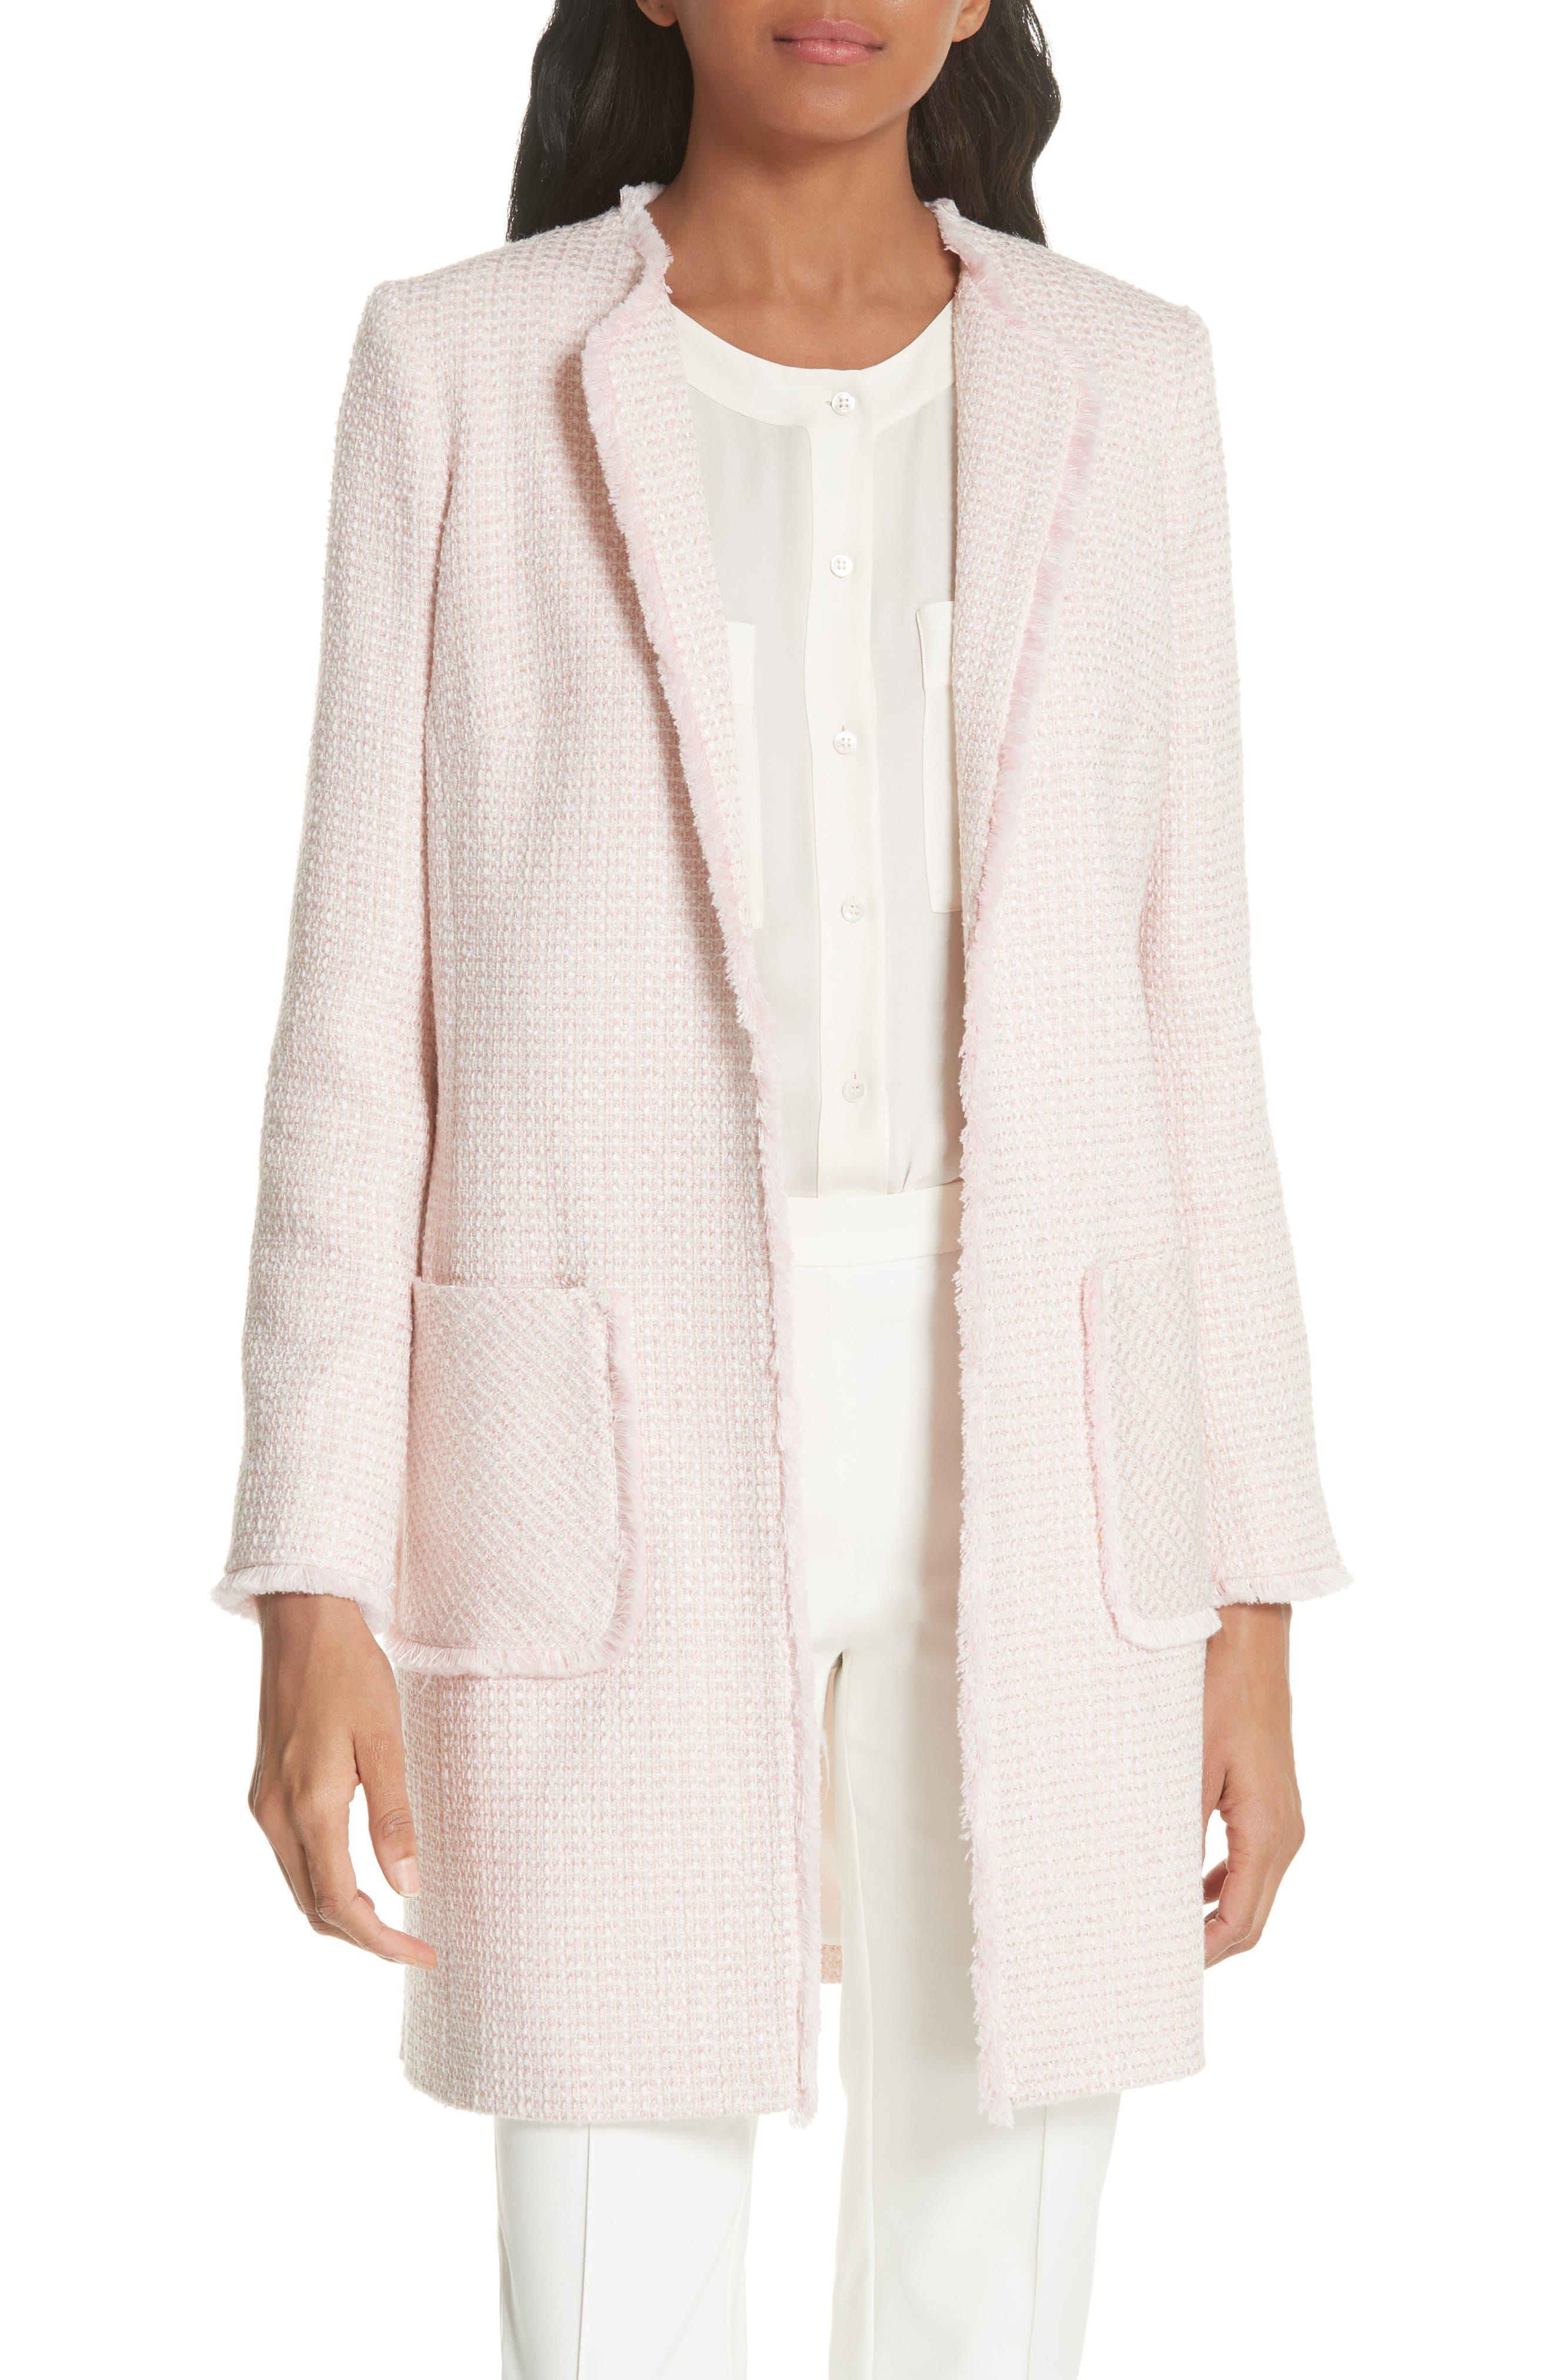 HELENE BERMAN Tweed Topper in Pink